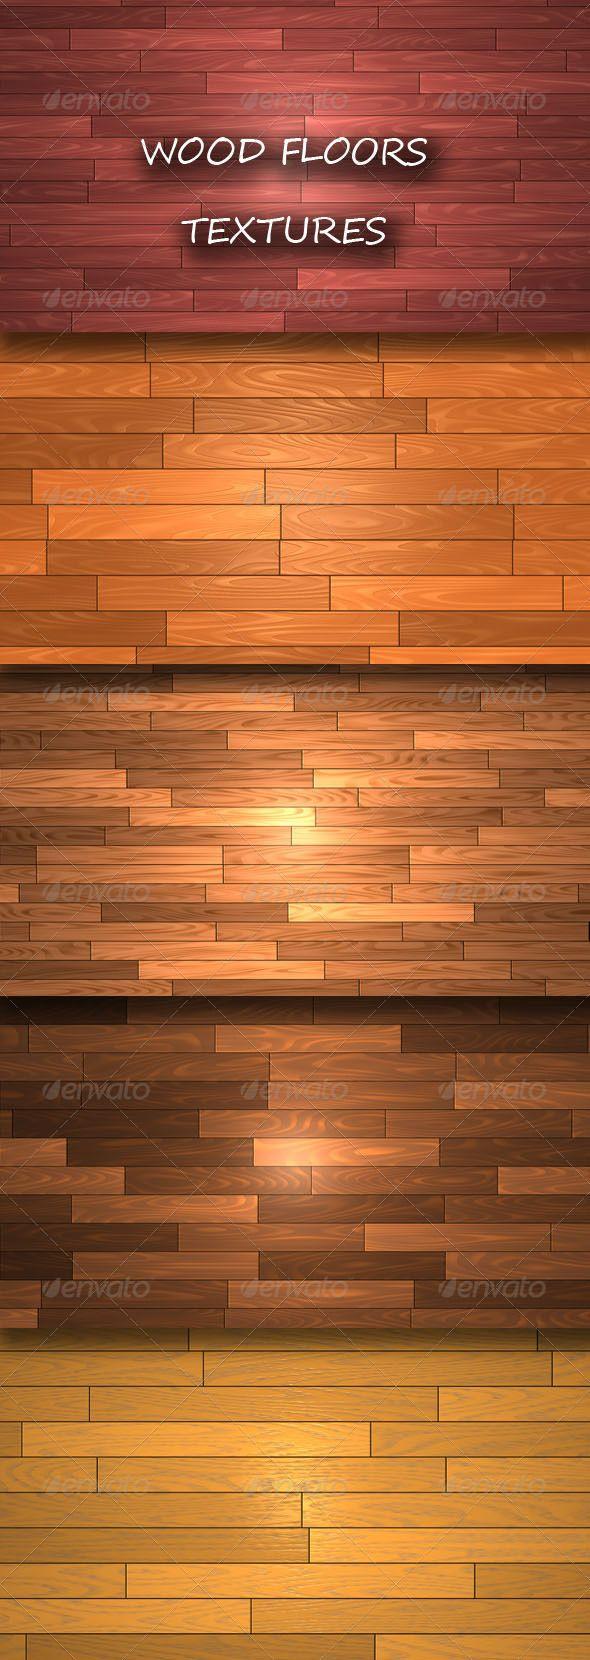 Wood Floors Textures Wood floor texture, Floor texture